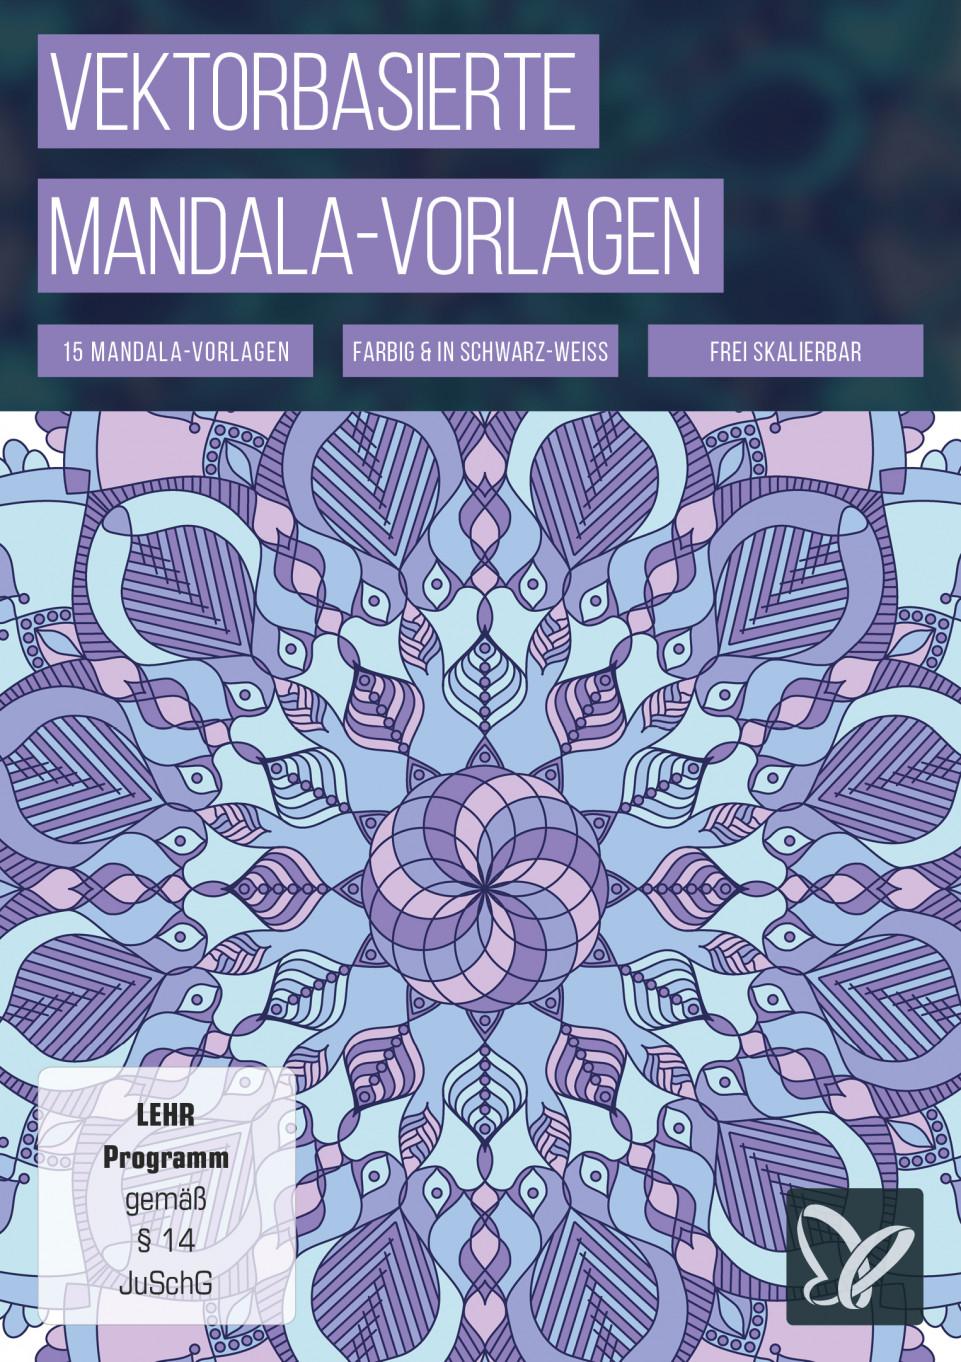 Mandala-Vorlagen und -Bilder zum Ausdrucken – faszinierende Formen